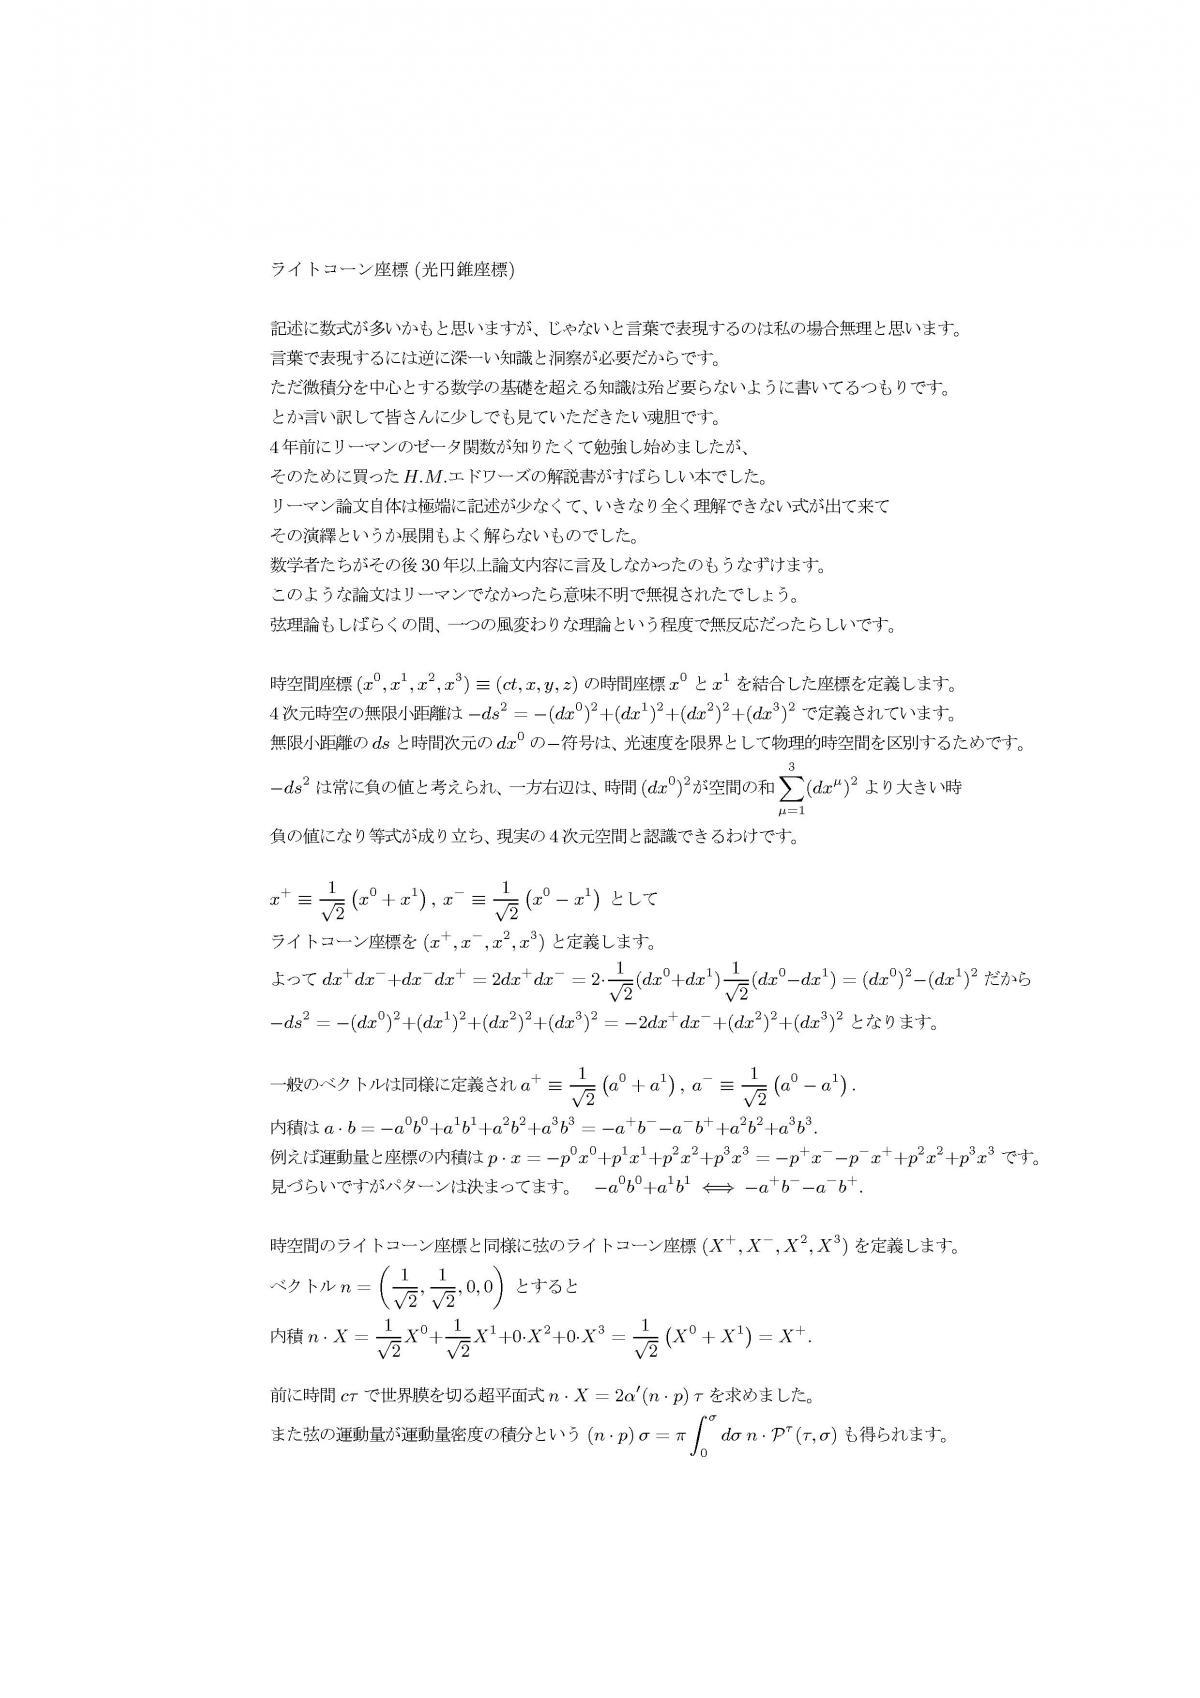 gen071.jpg